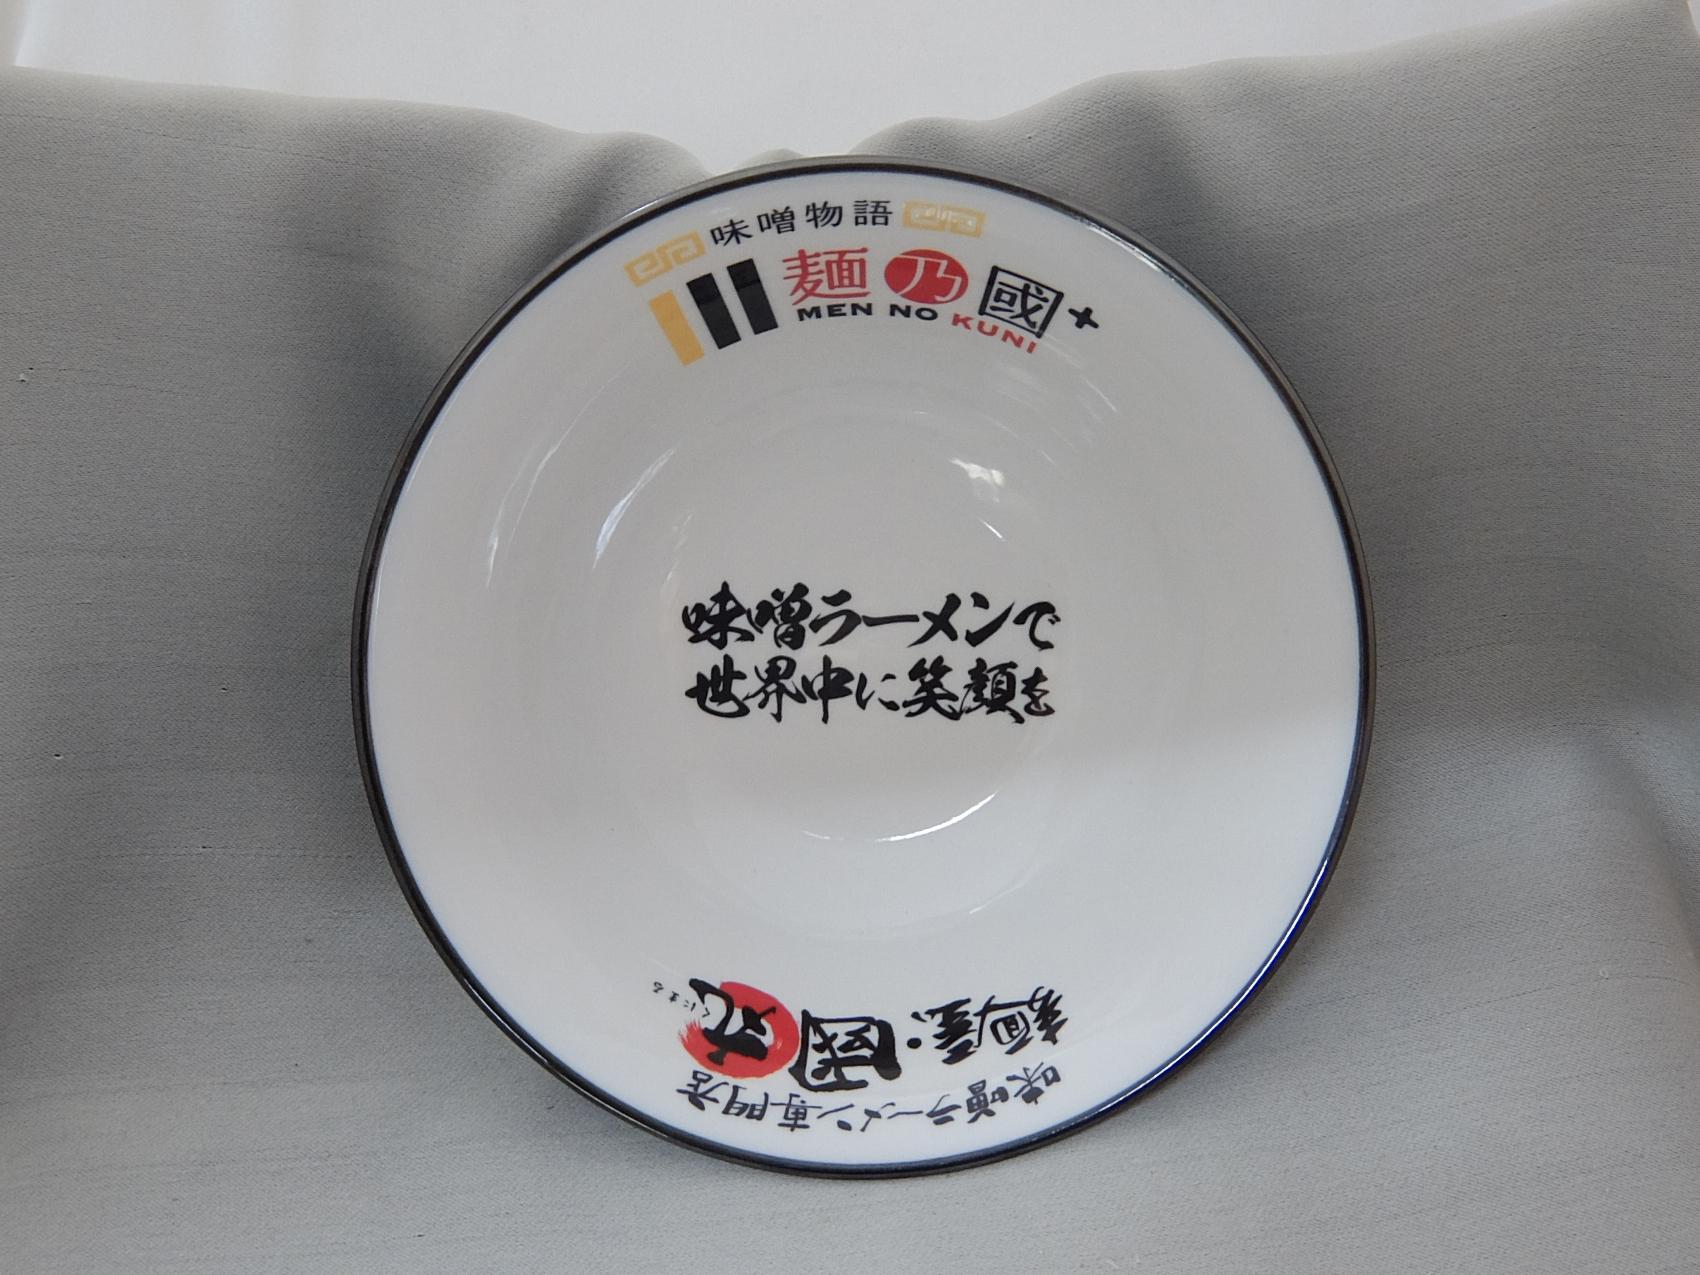 7.0コスパ高台丼(内白外黒うのふ)